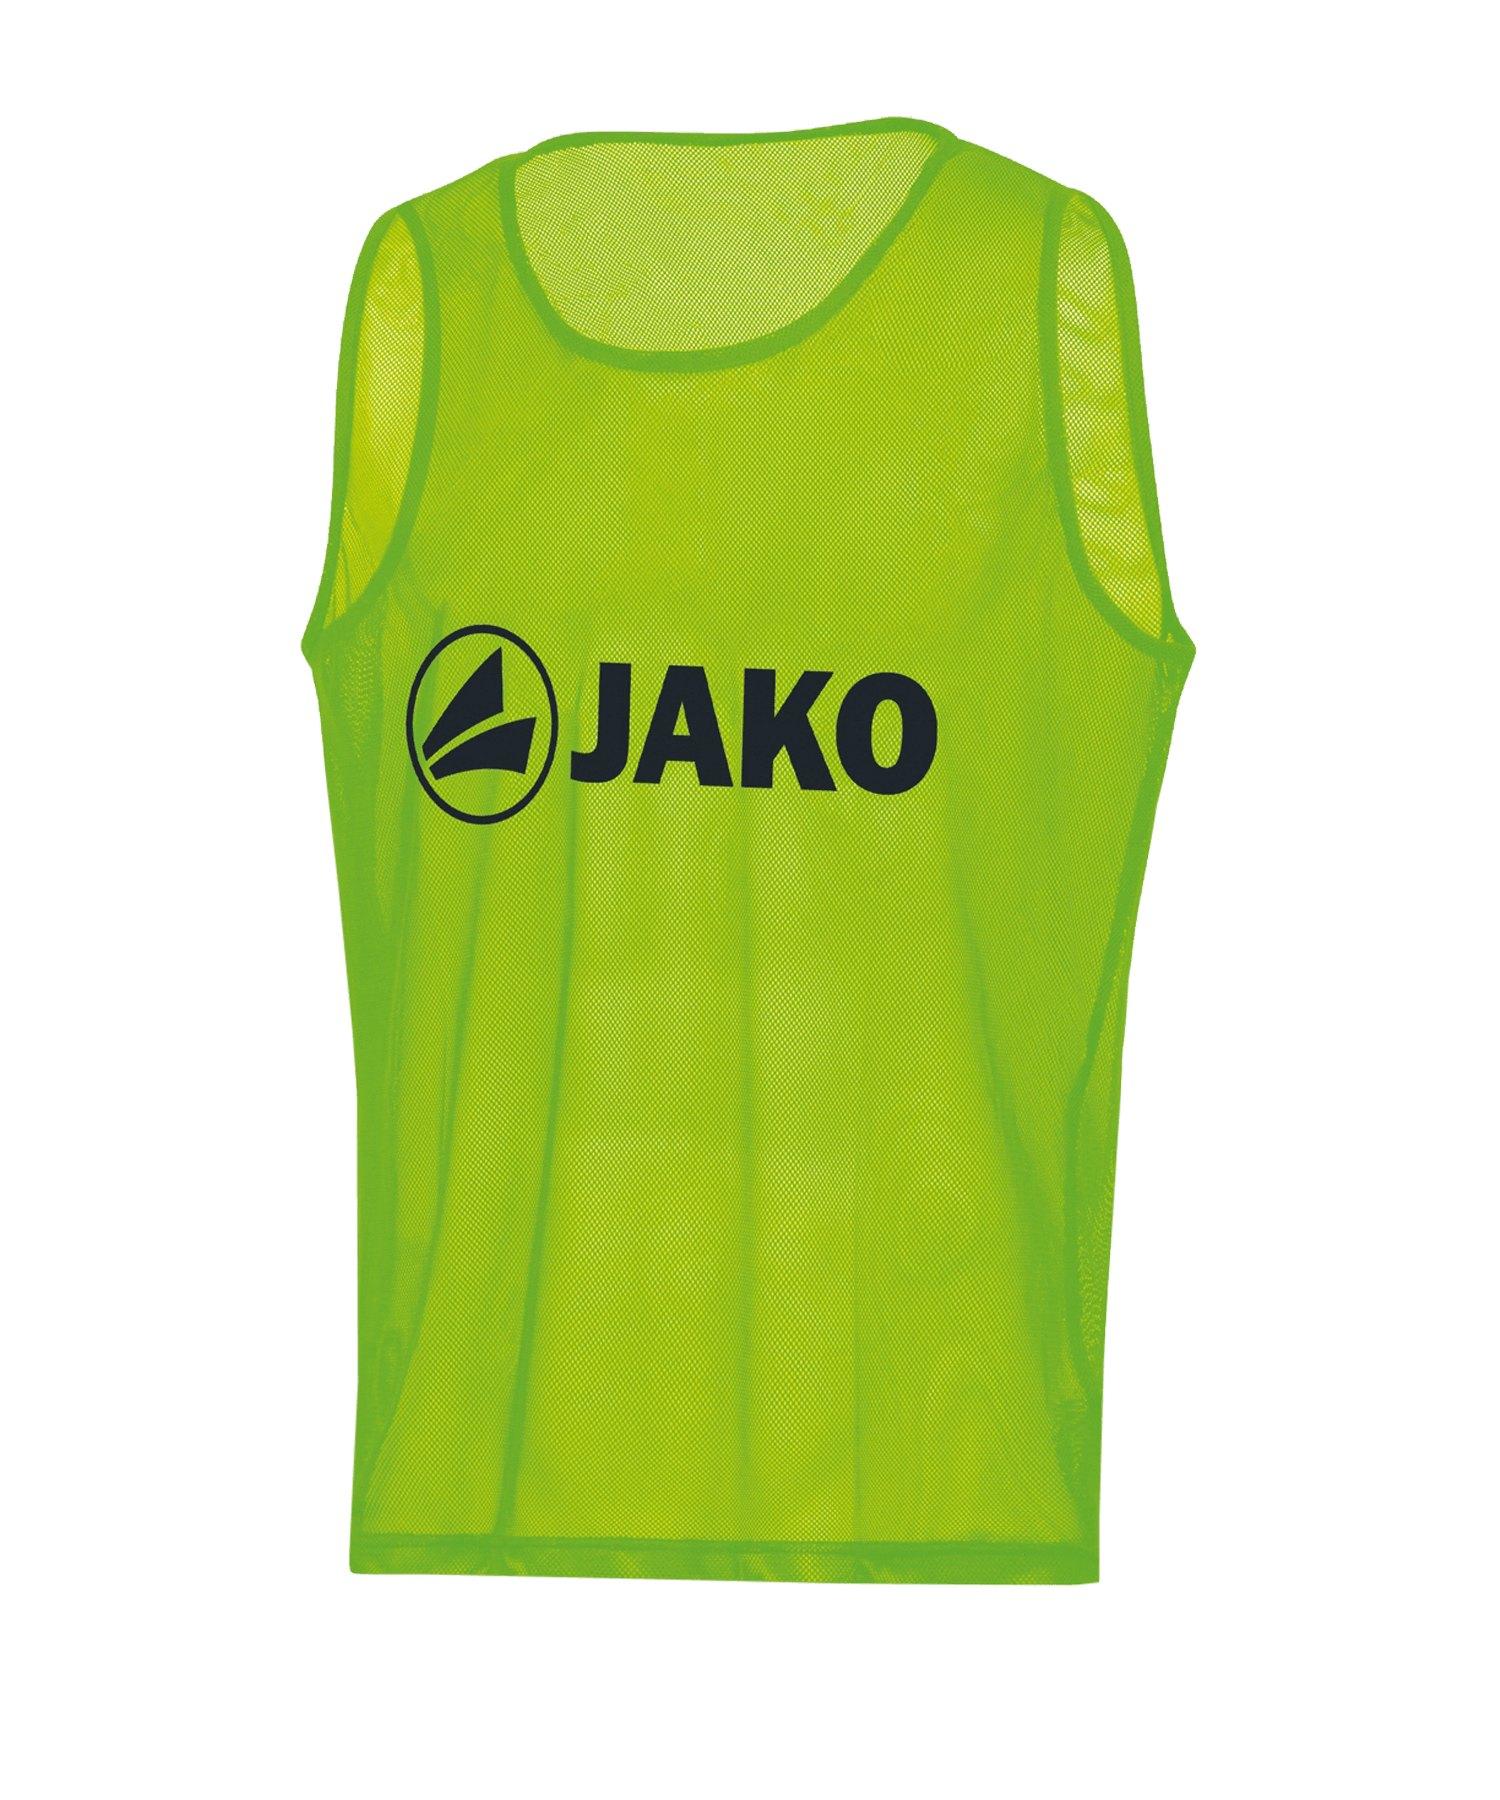 JAKO Classic 2.0 Kennzeichnungshemd Grün F02 - Gruen